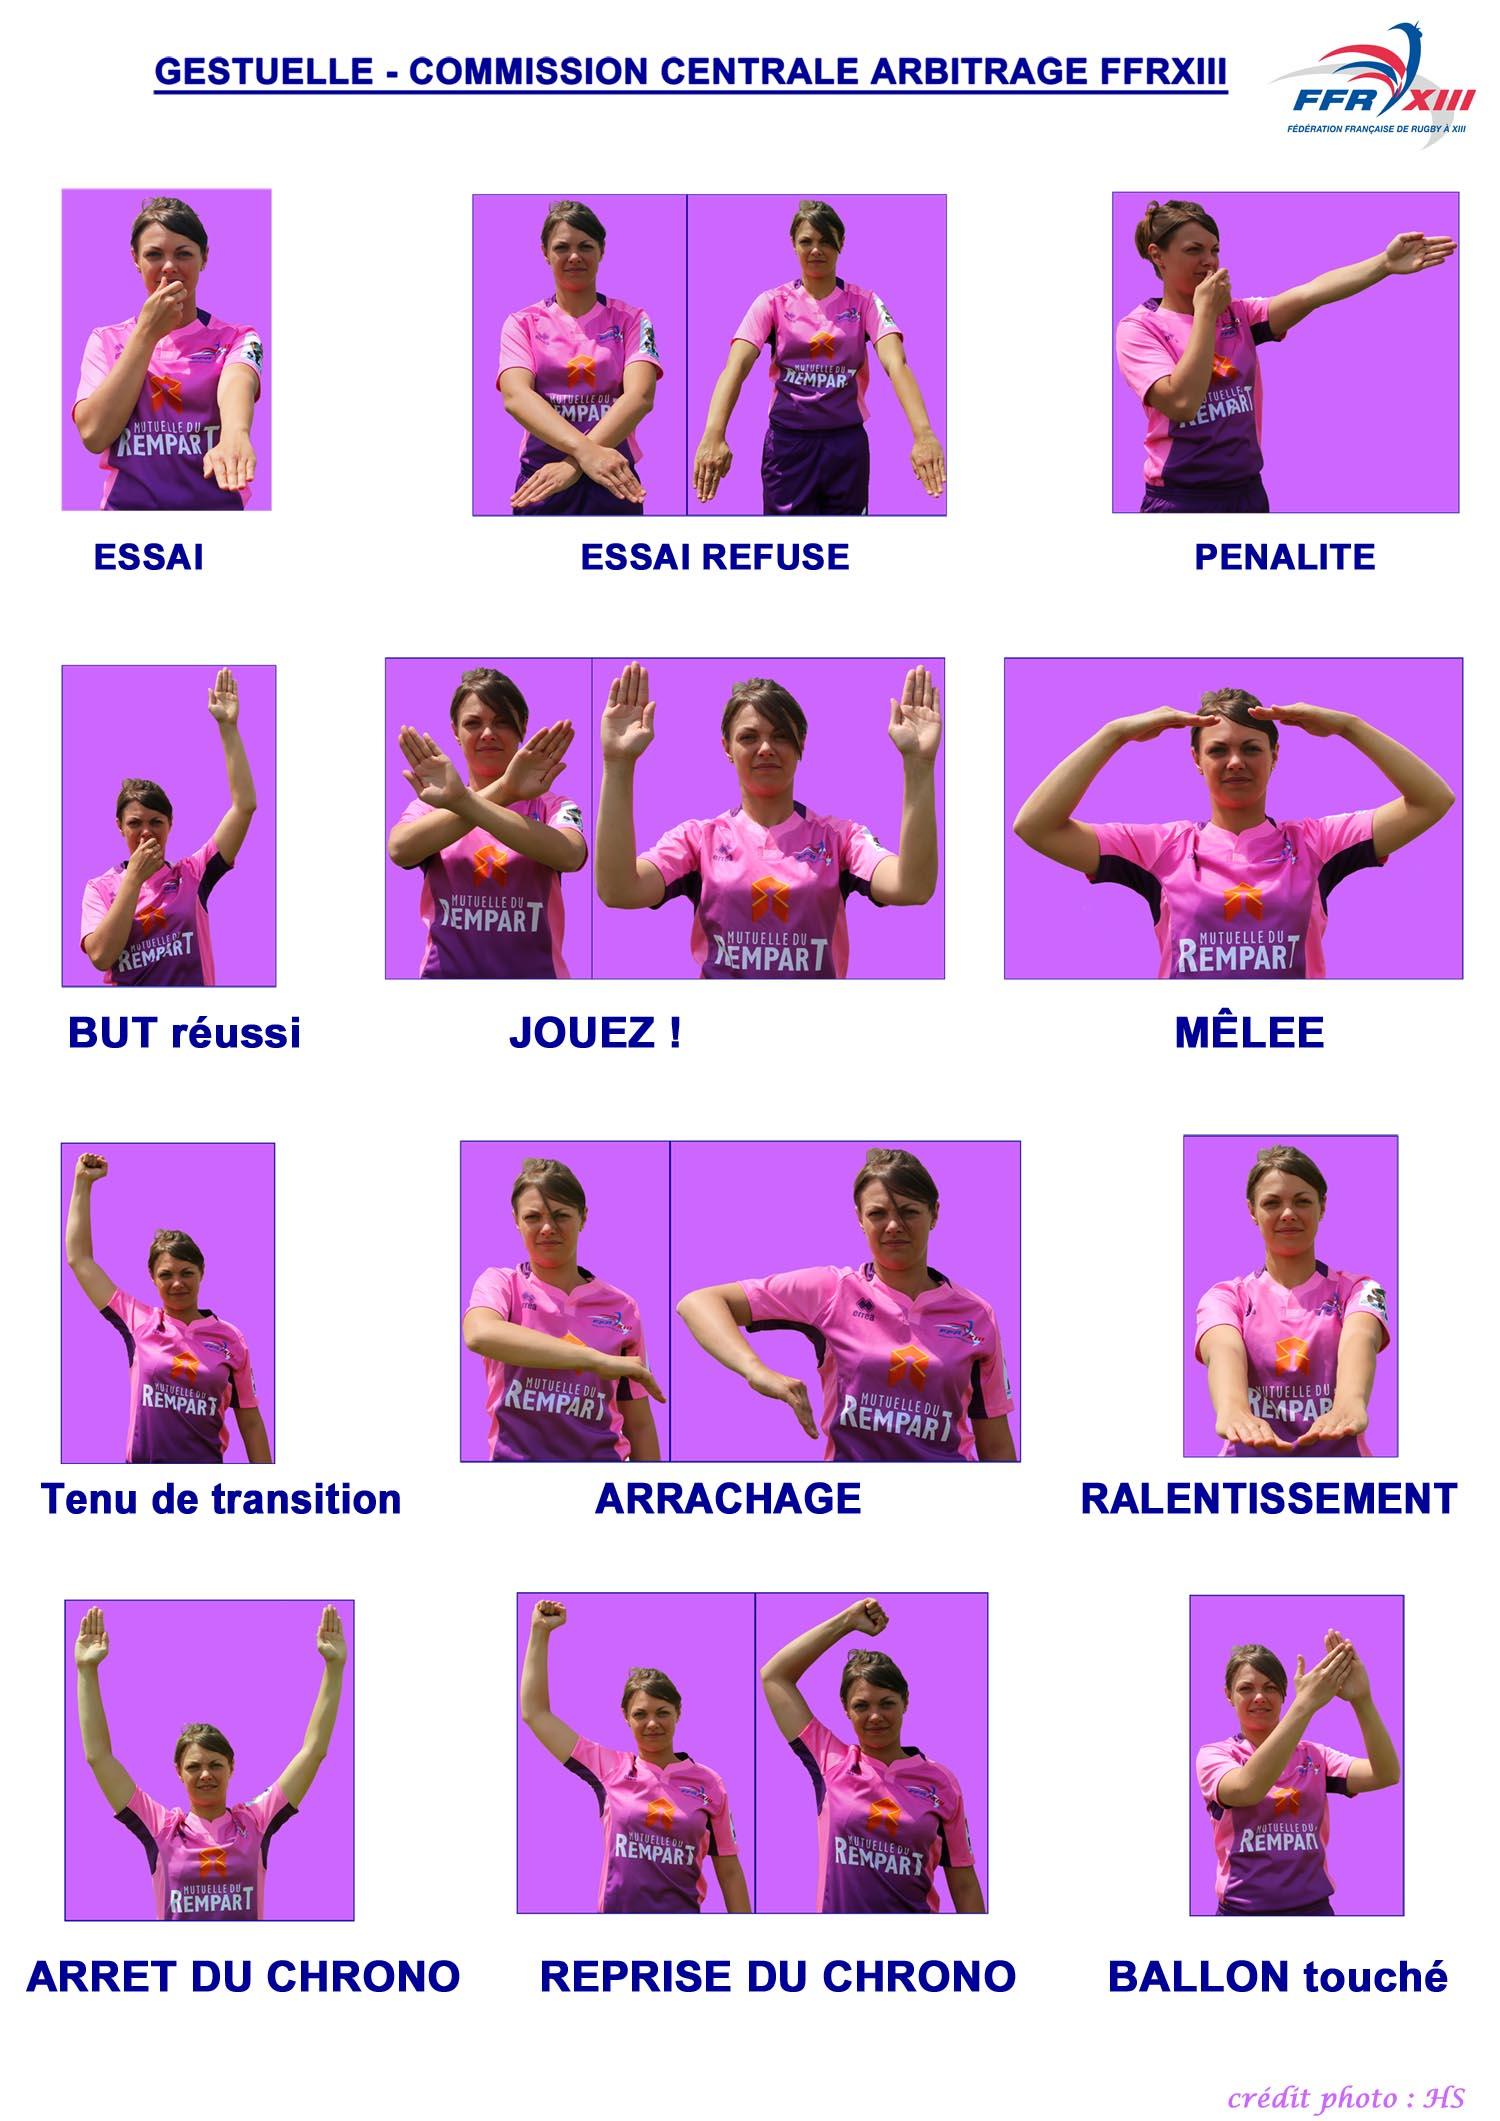 gestuelle arbitre page 1 050615